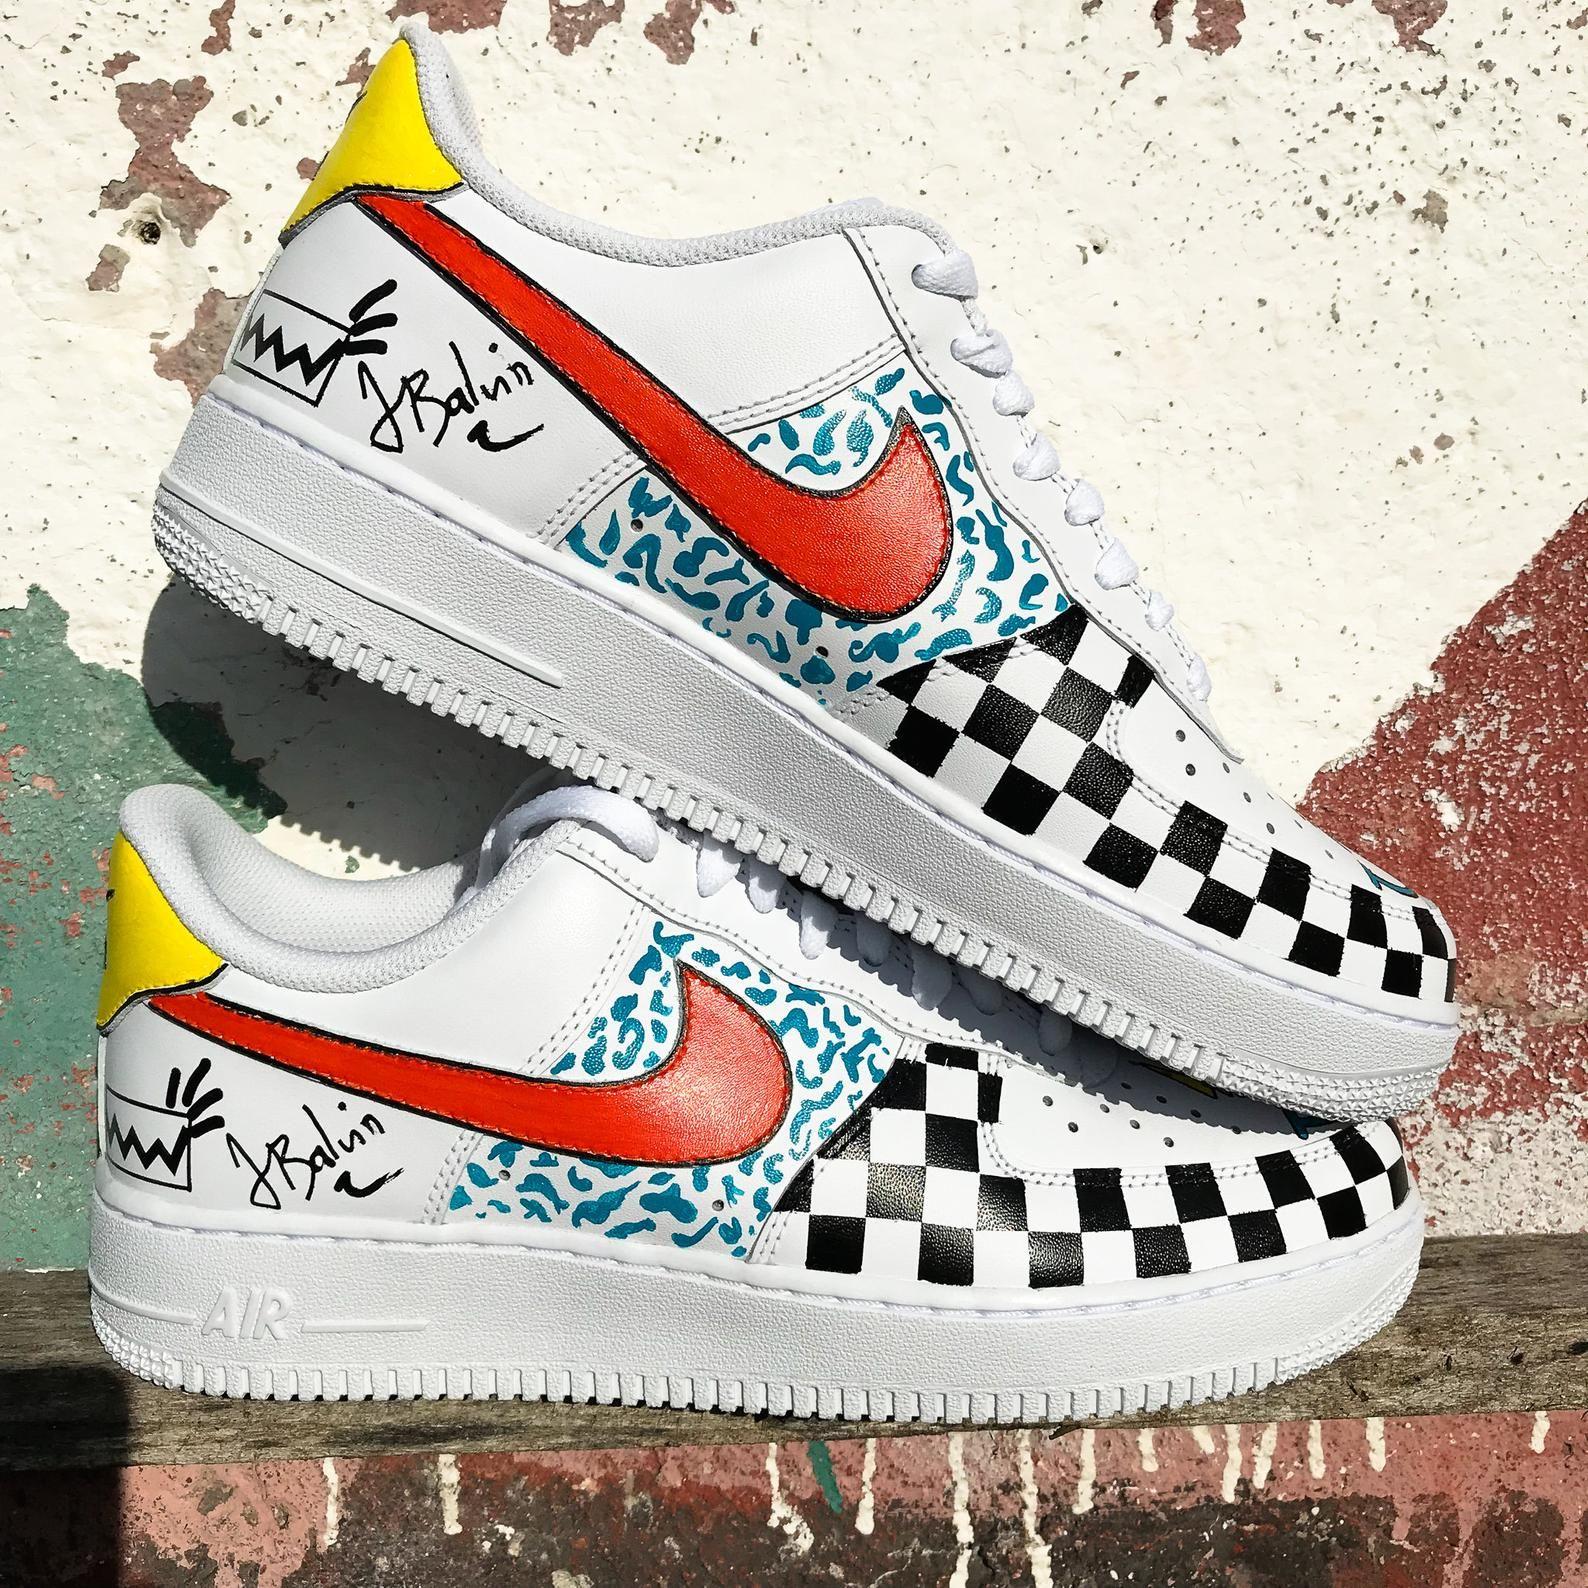 Sneakers, Custom sneakers, Custom shoes